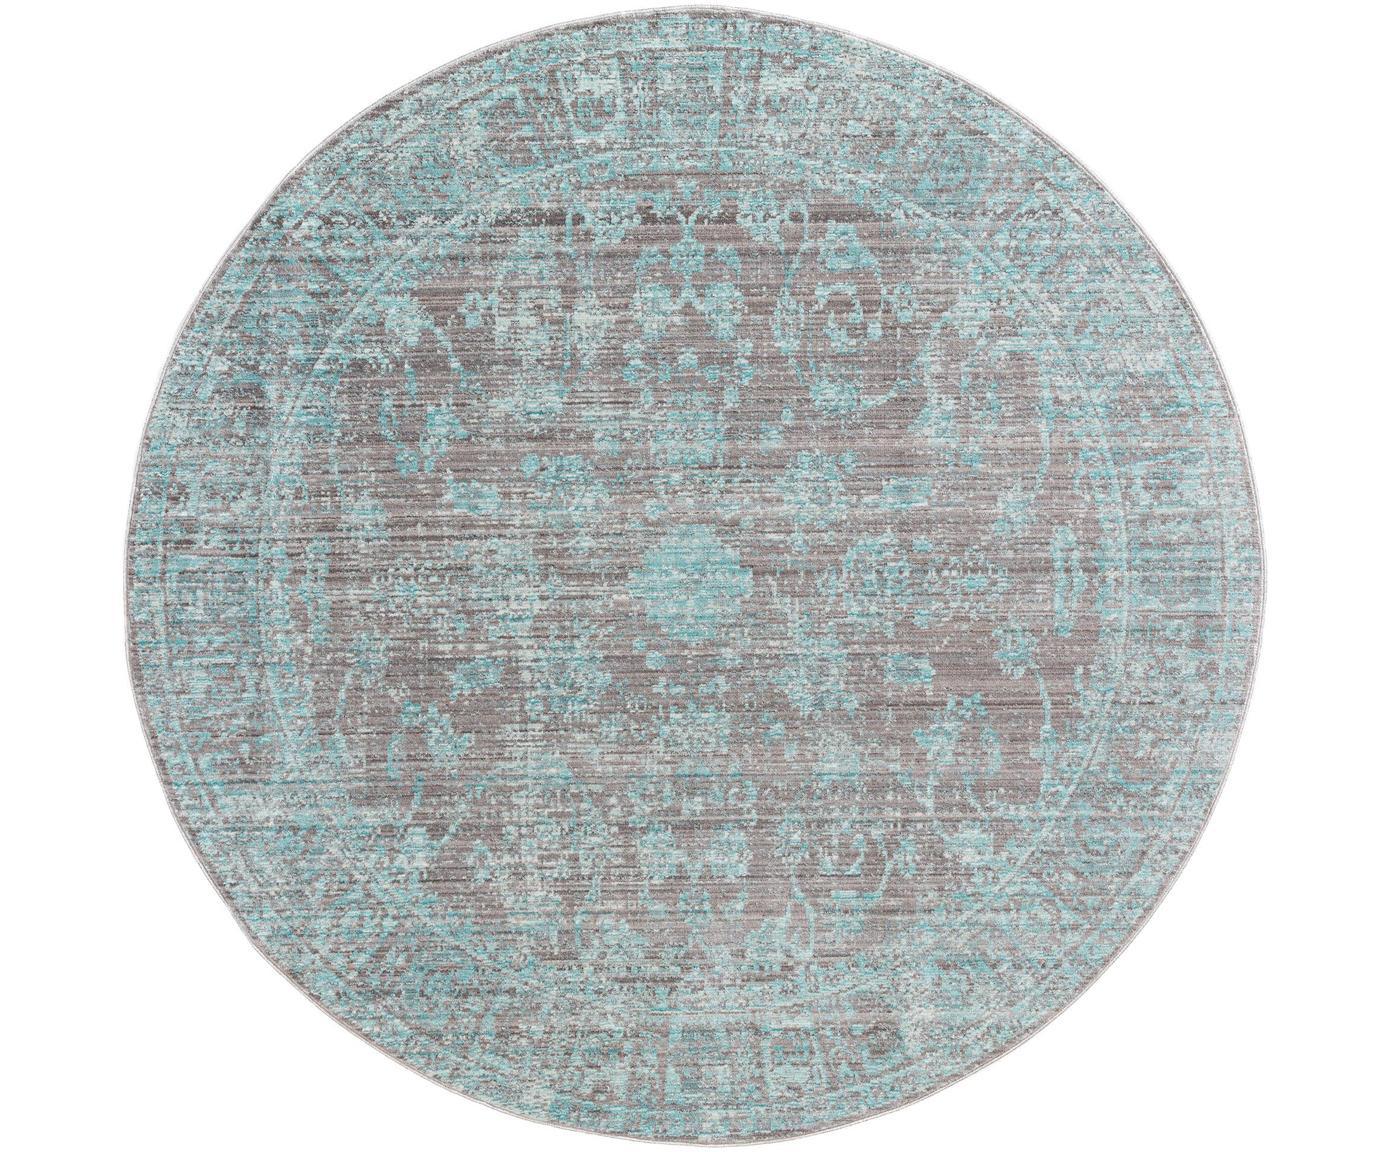 Okrągły dywan Visconti, Turkusowy, szary, Ø 180 cm (Rozmiar L)